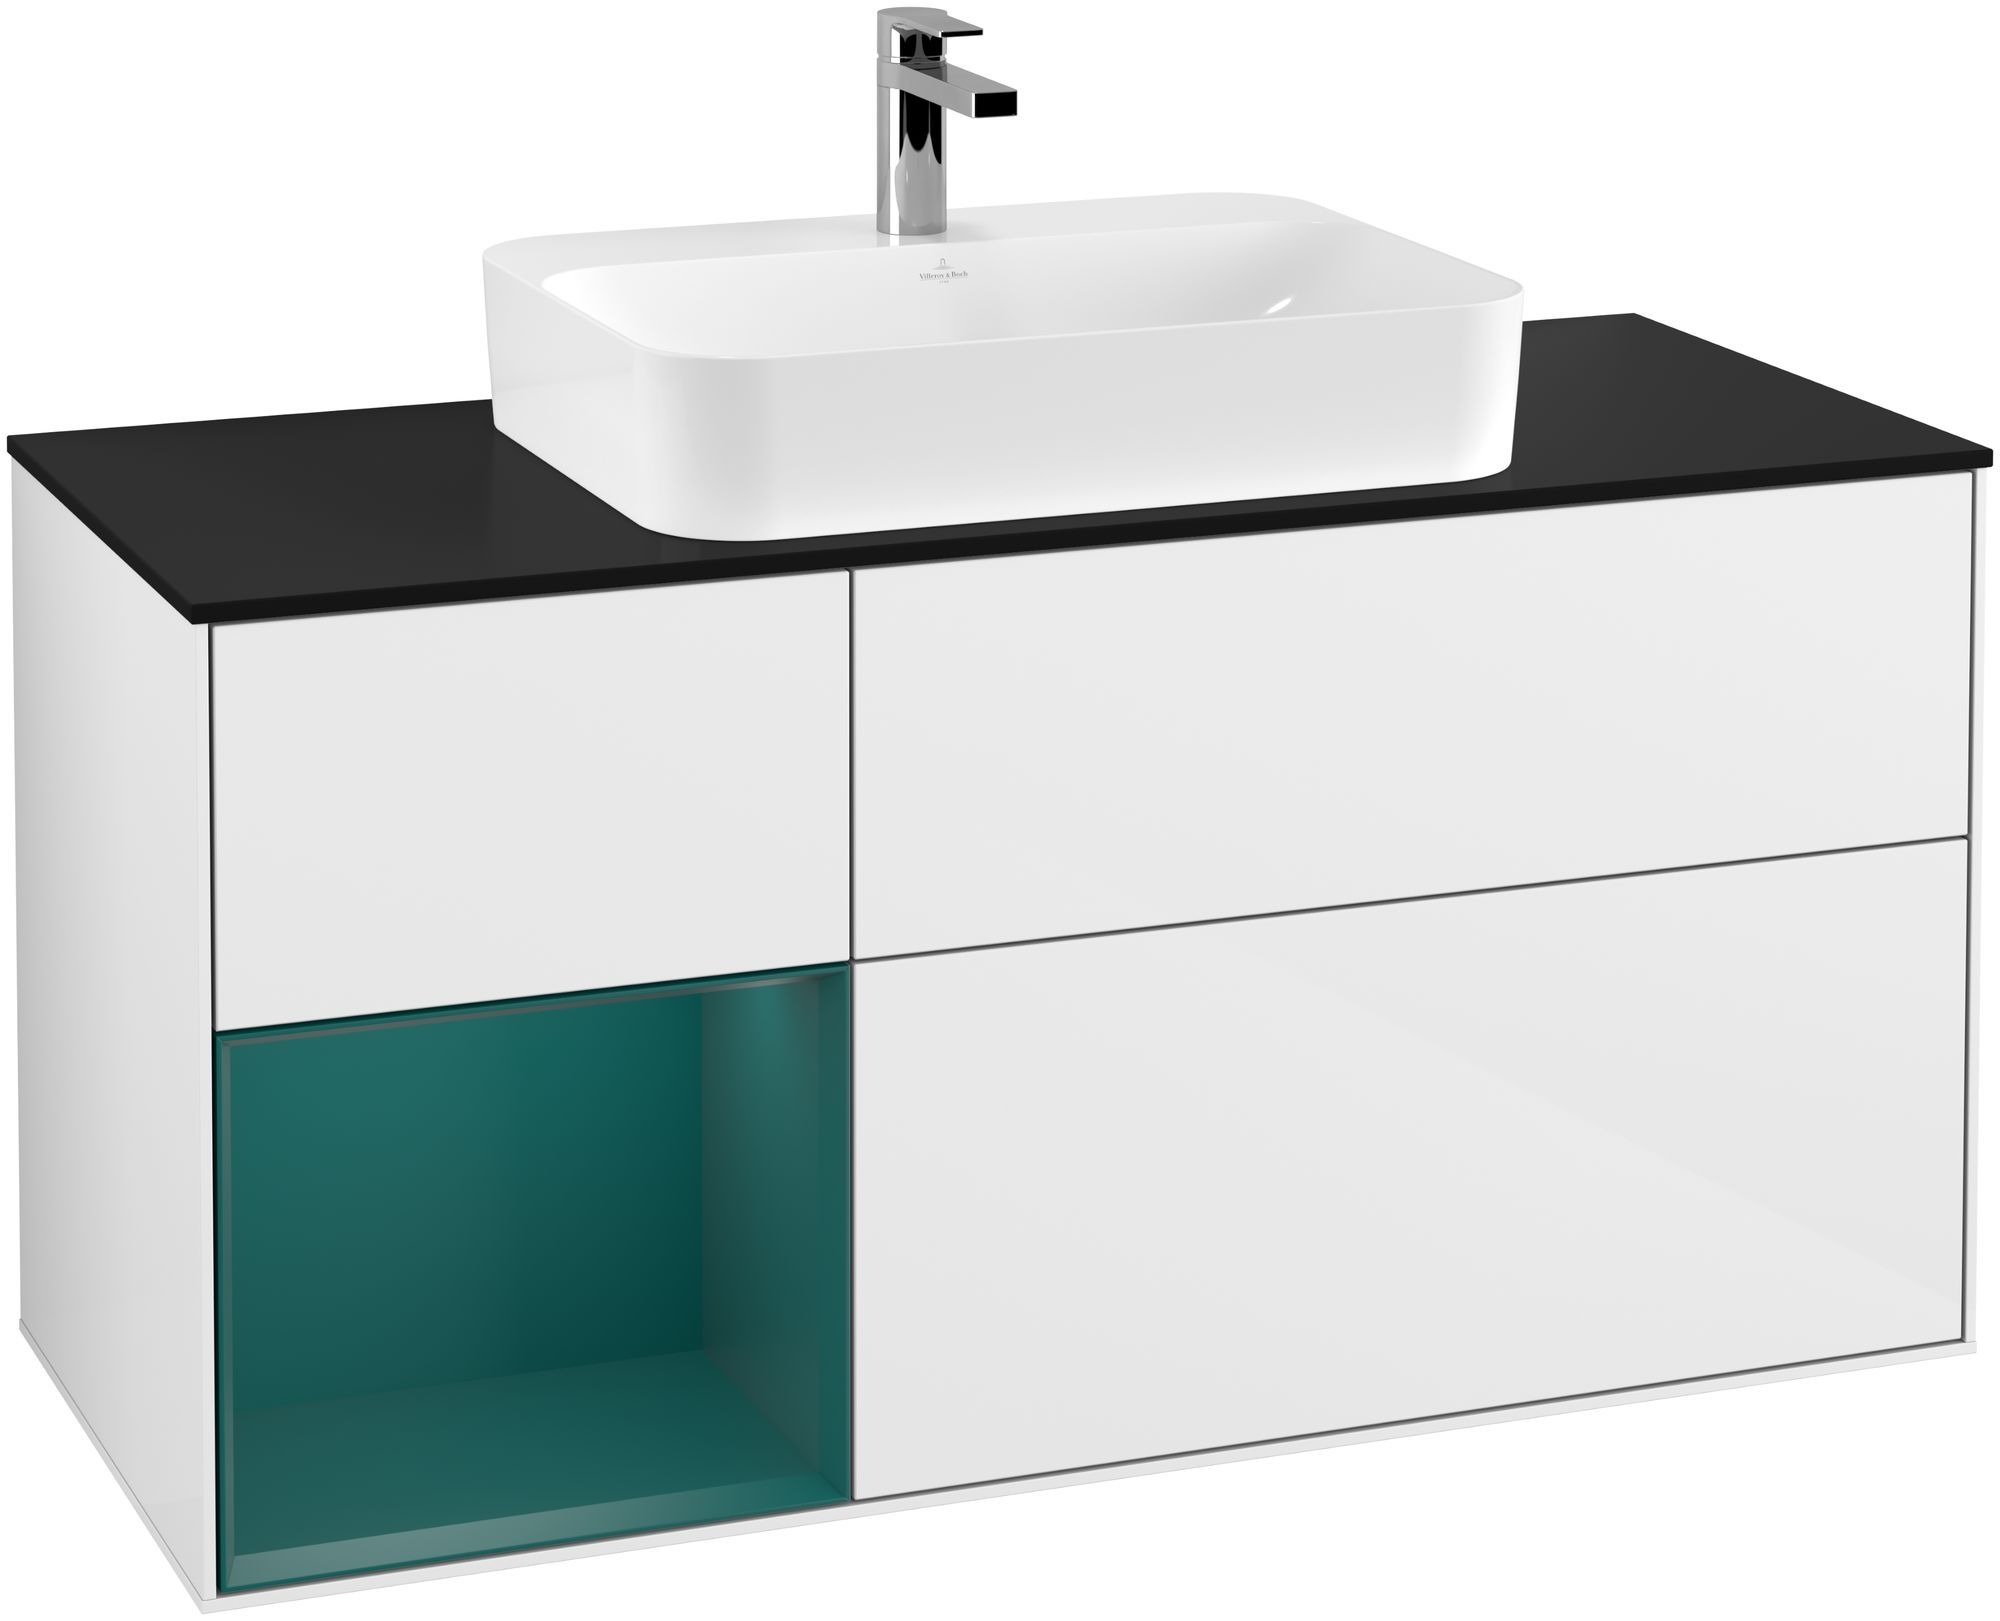 Villeroy & Boch Finion G41 Waschtischunterschrank mit Regalelement 3 Auszüge Waschtisch mittig LED-Beleuchtung B:120xH:60,3xT:50,1cm Front, Korpus: Glossy White Lack, Regal: Cedar, Glasplatte: Black Matt G412GSGF